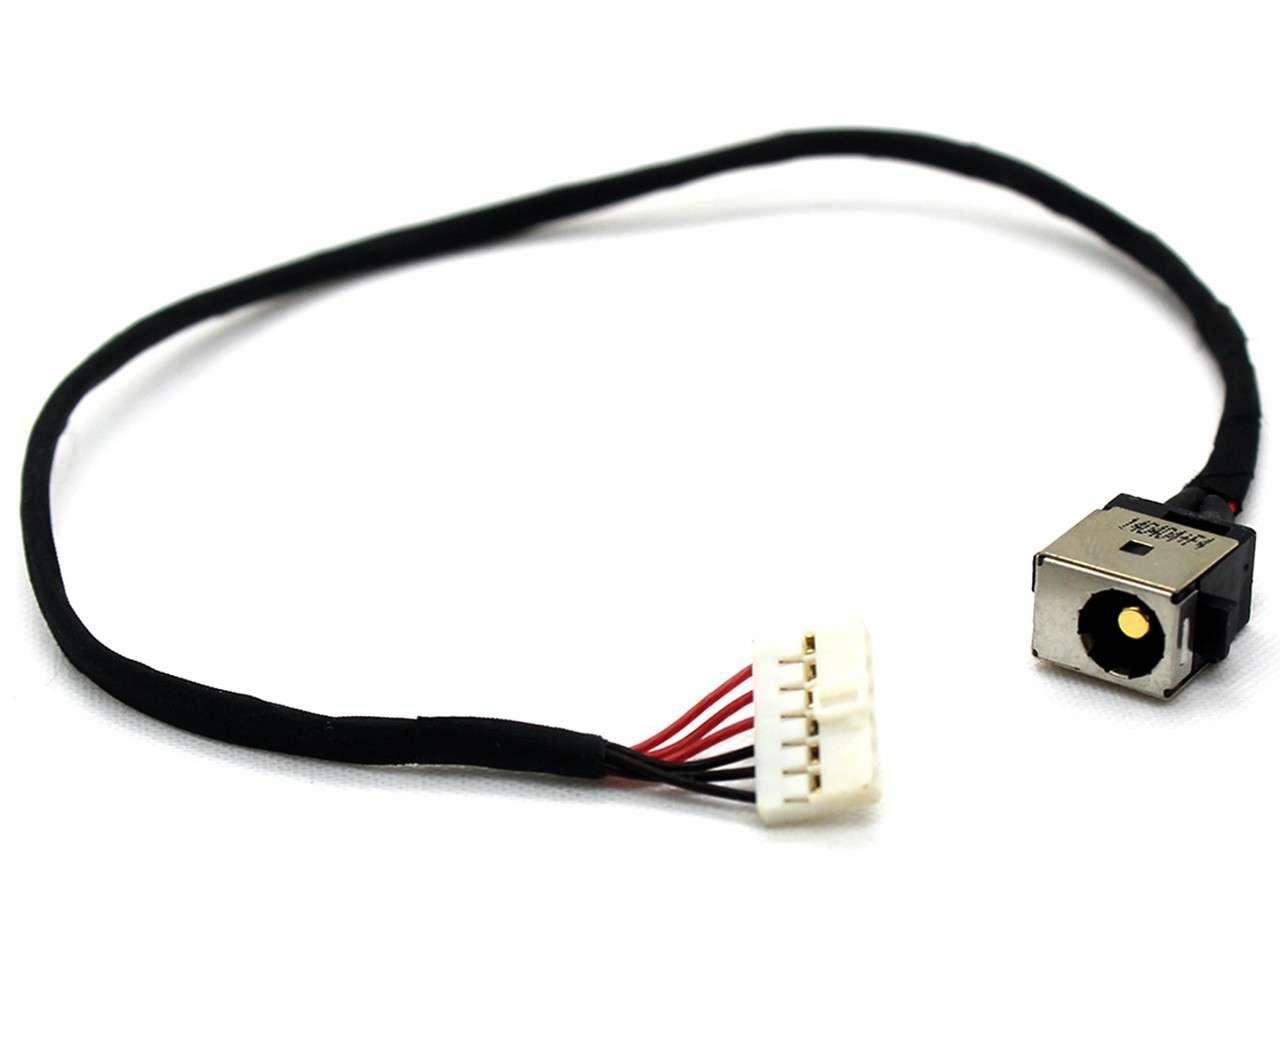 Mufa alimentare laptop Asus K56 cu fir imagine